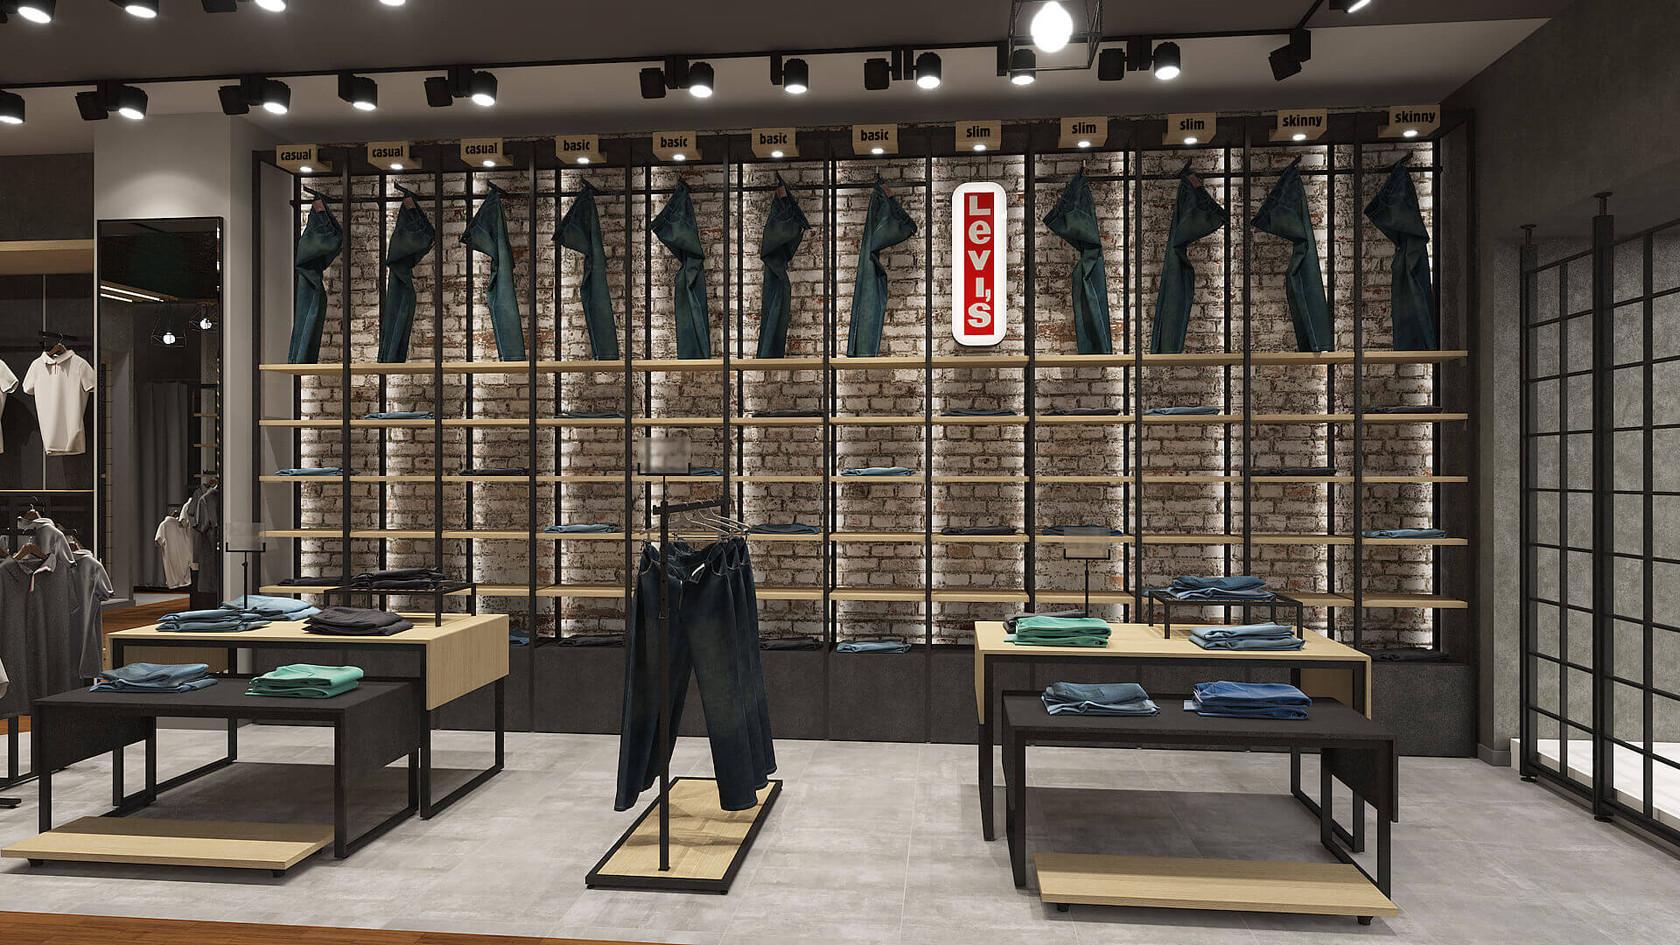 Dequell - Denim Store Shop Design